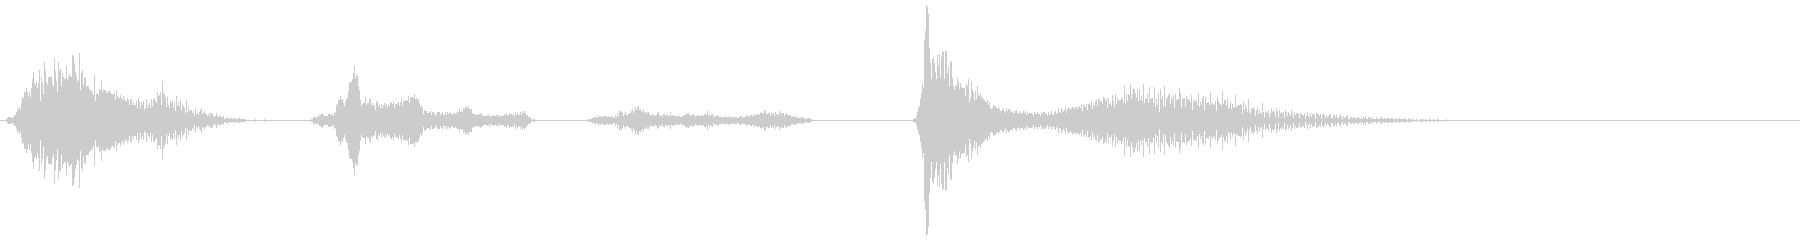 ワントゥースリーポンの未再生の波形